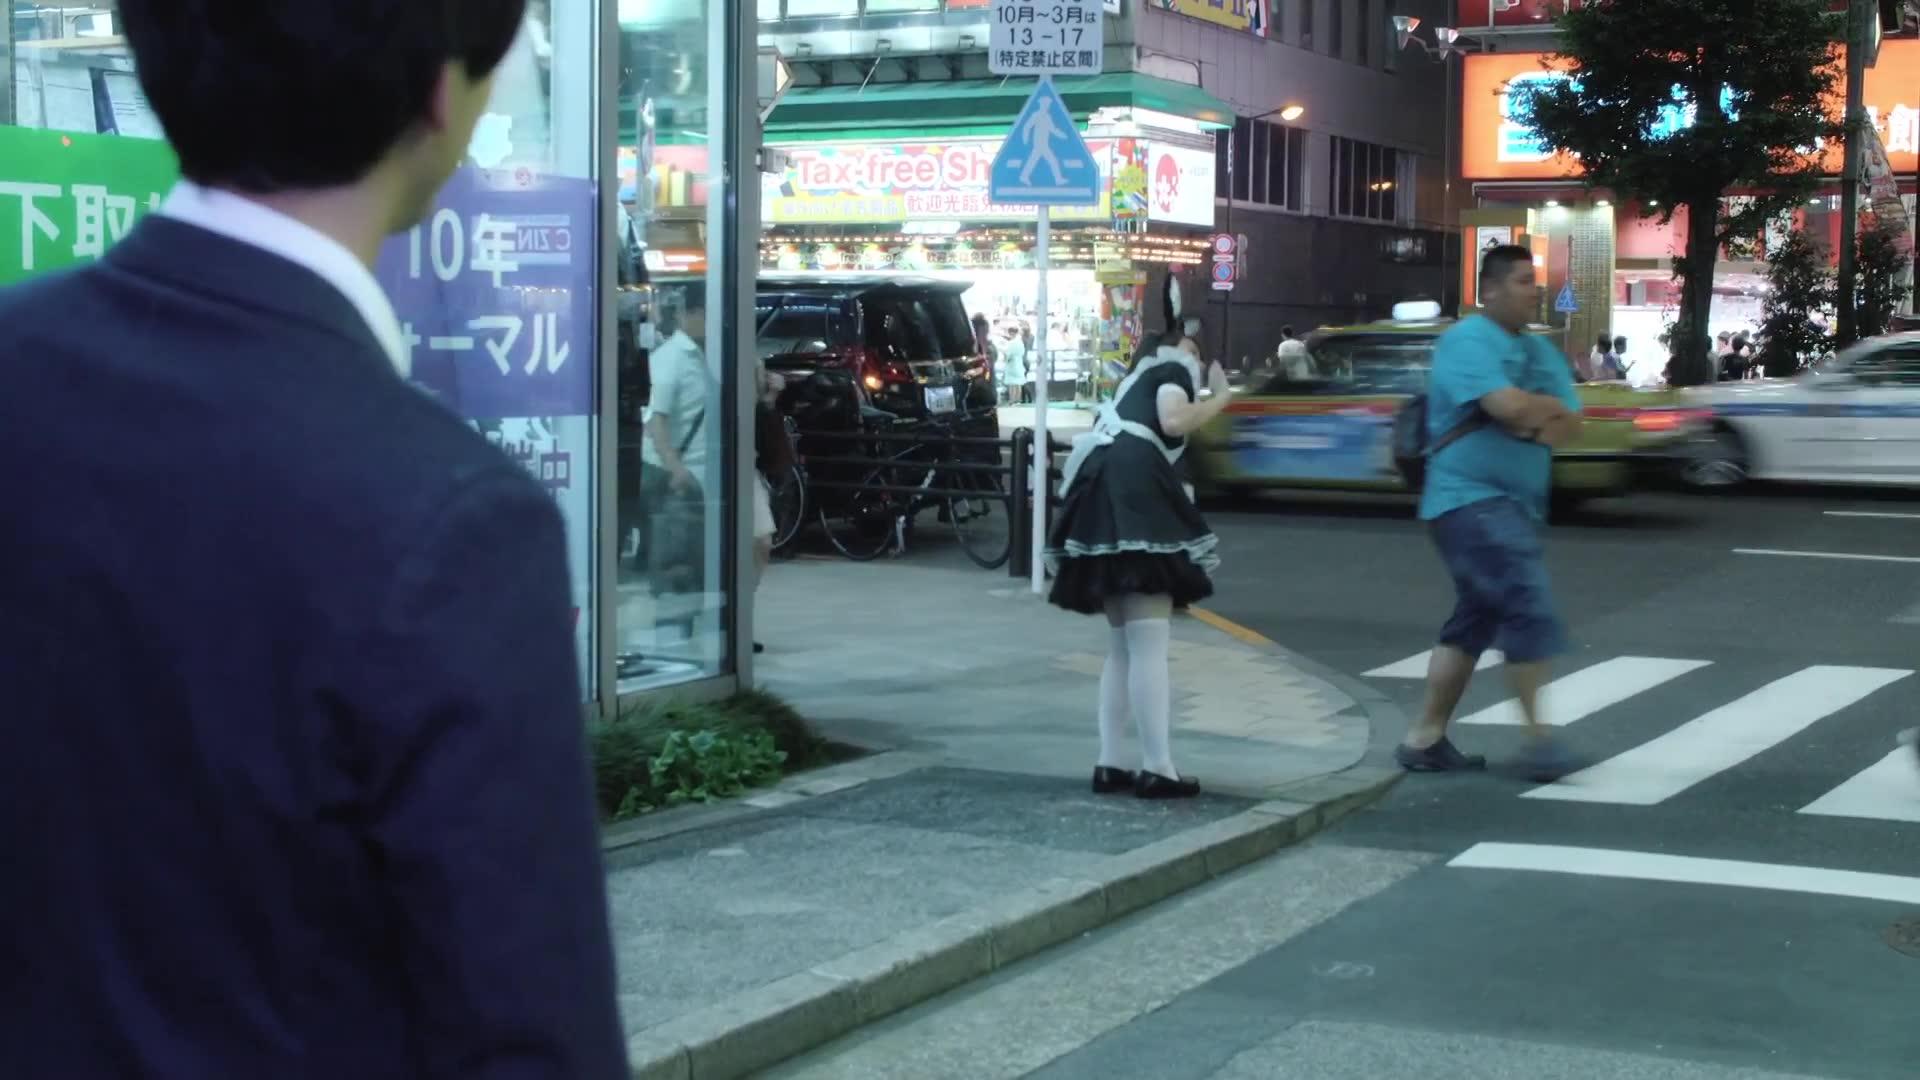 열 번째 코노지 - 아키하바라 <아카츠카>